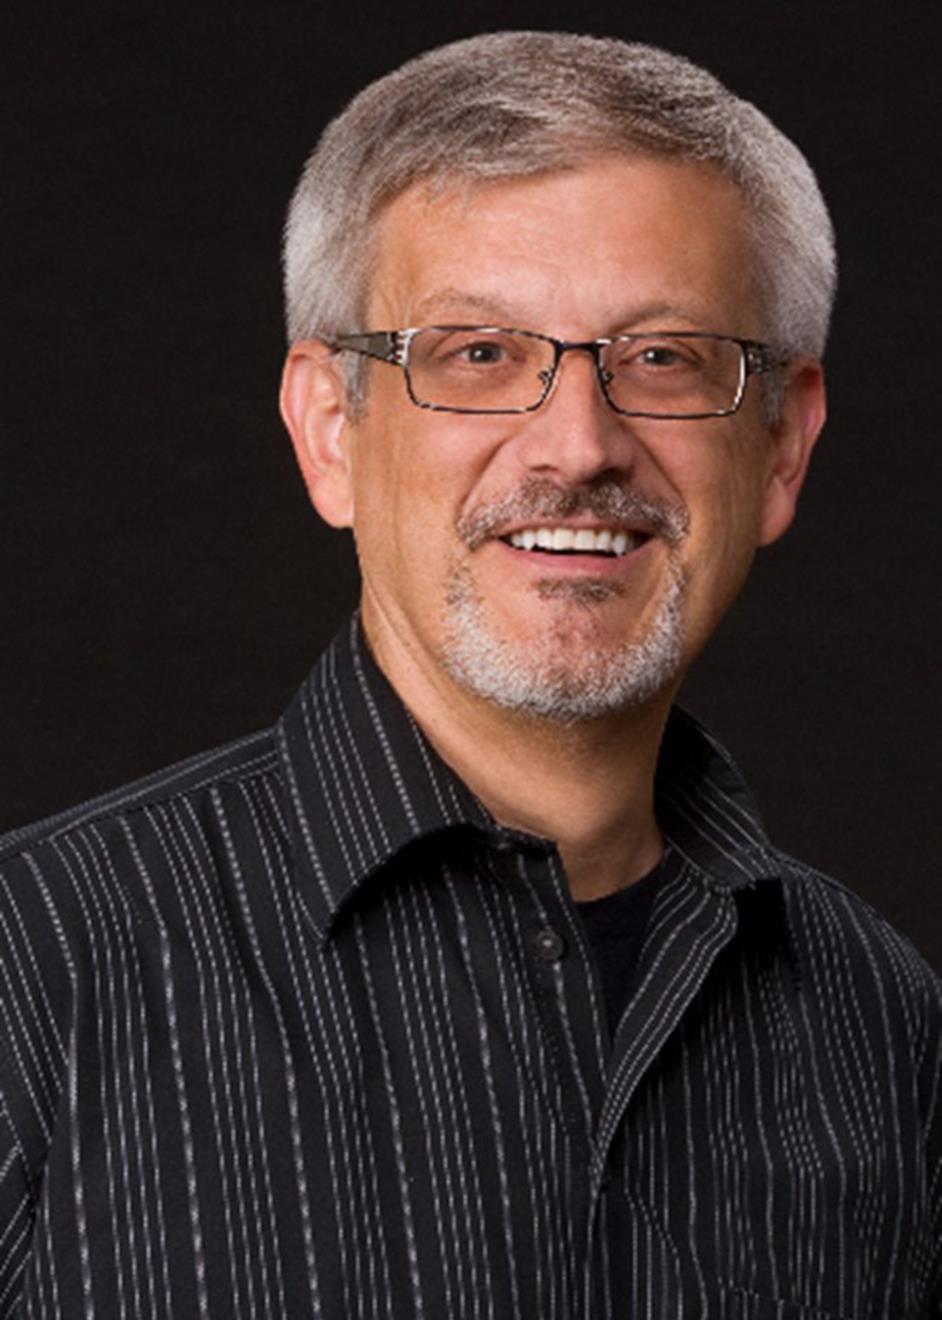 Alan Lohr